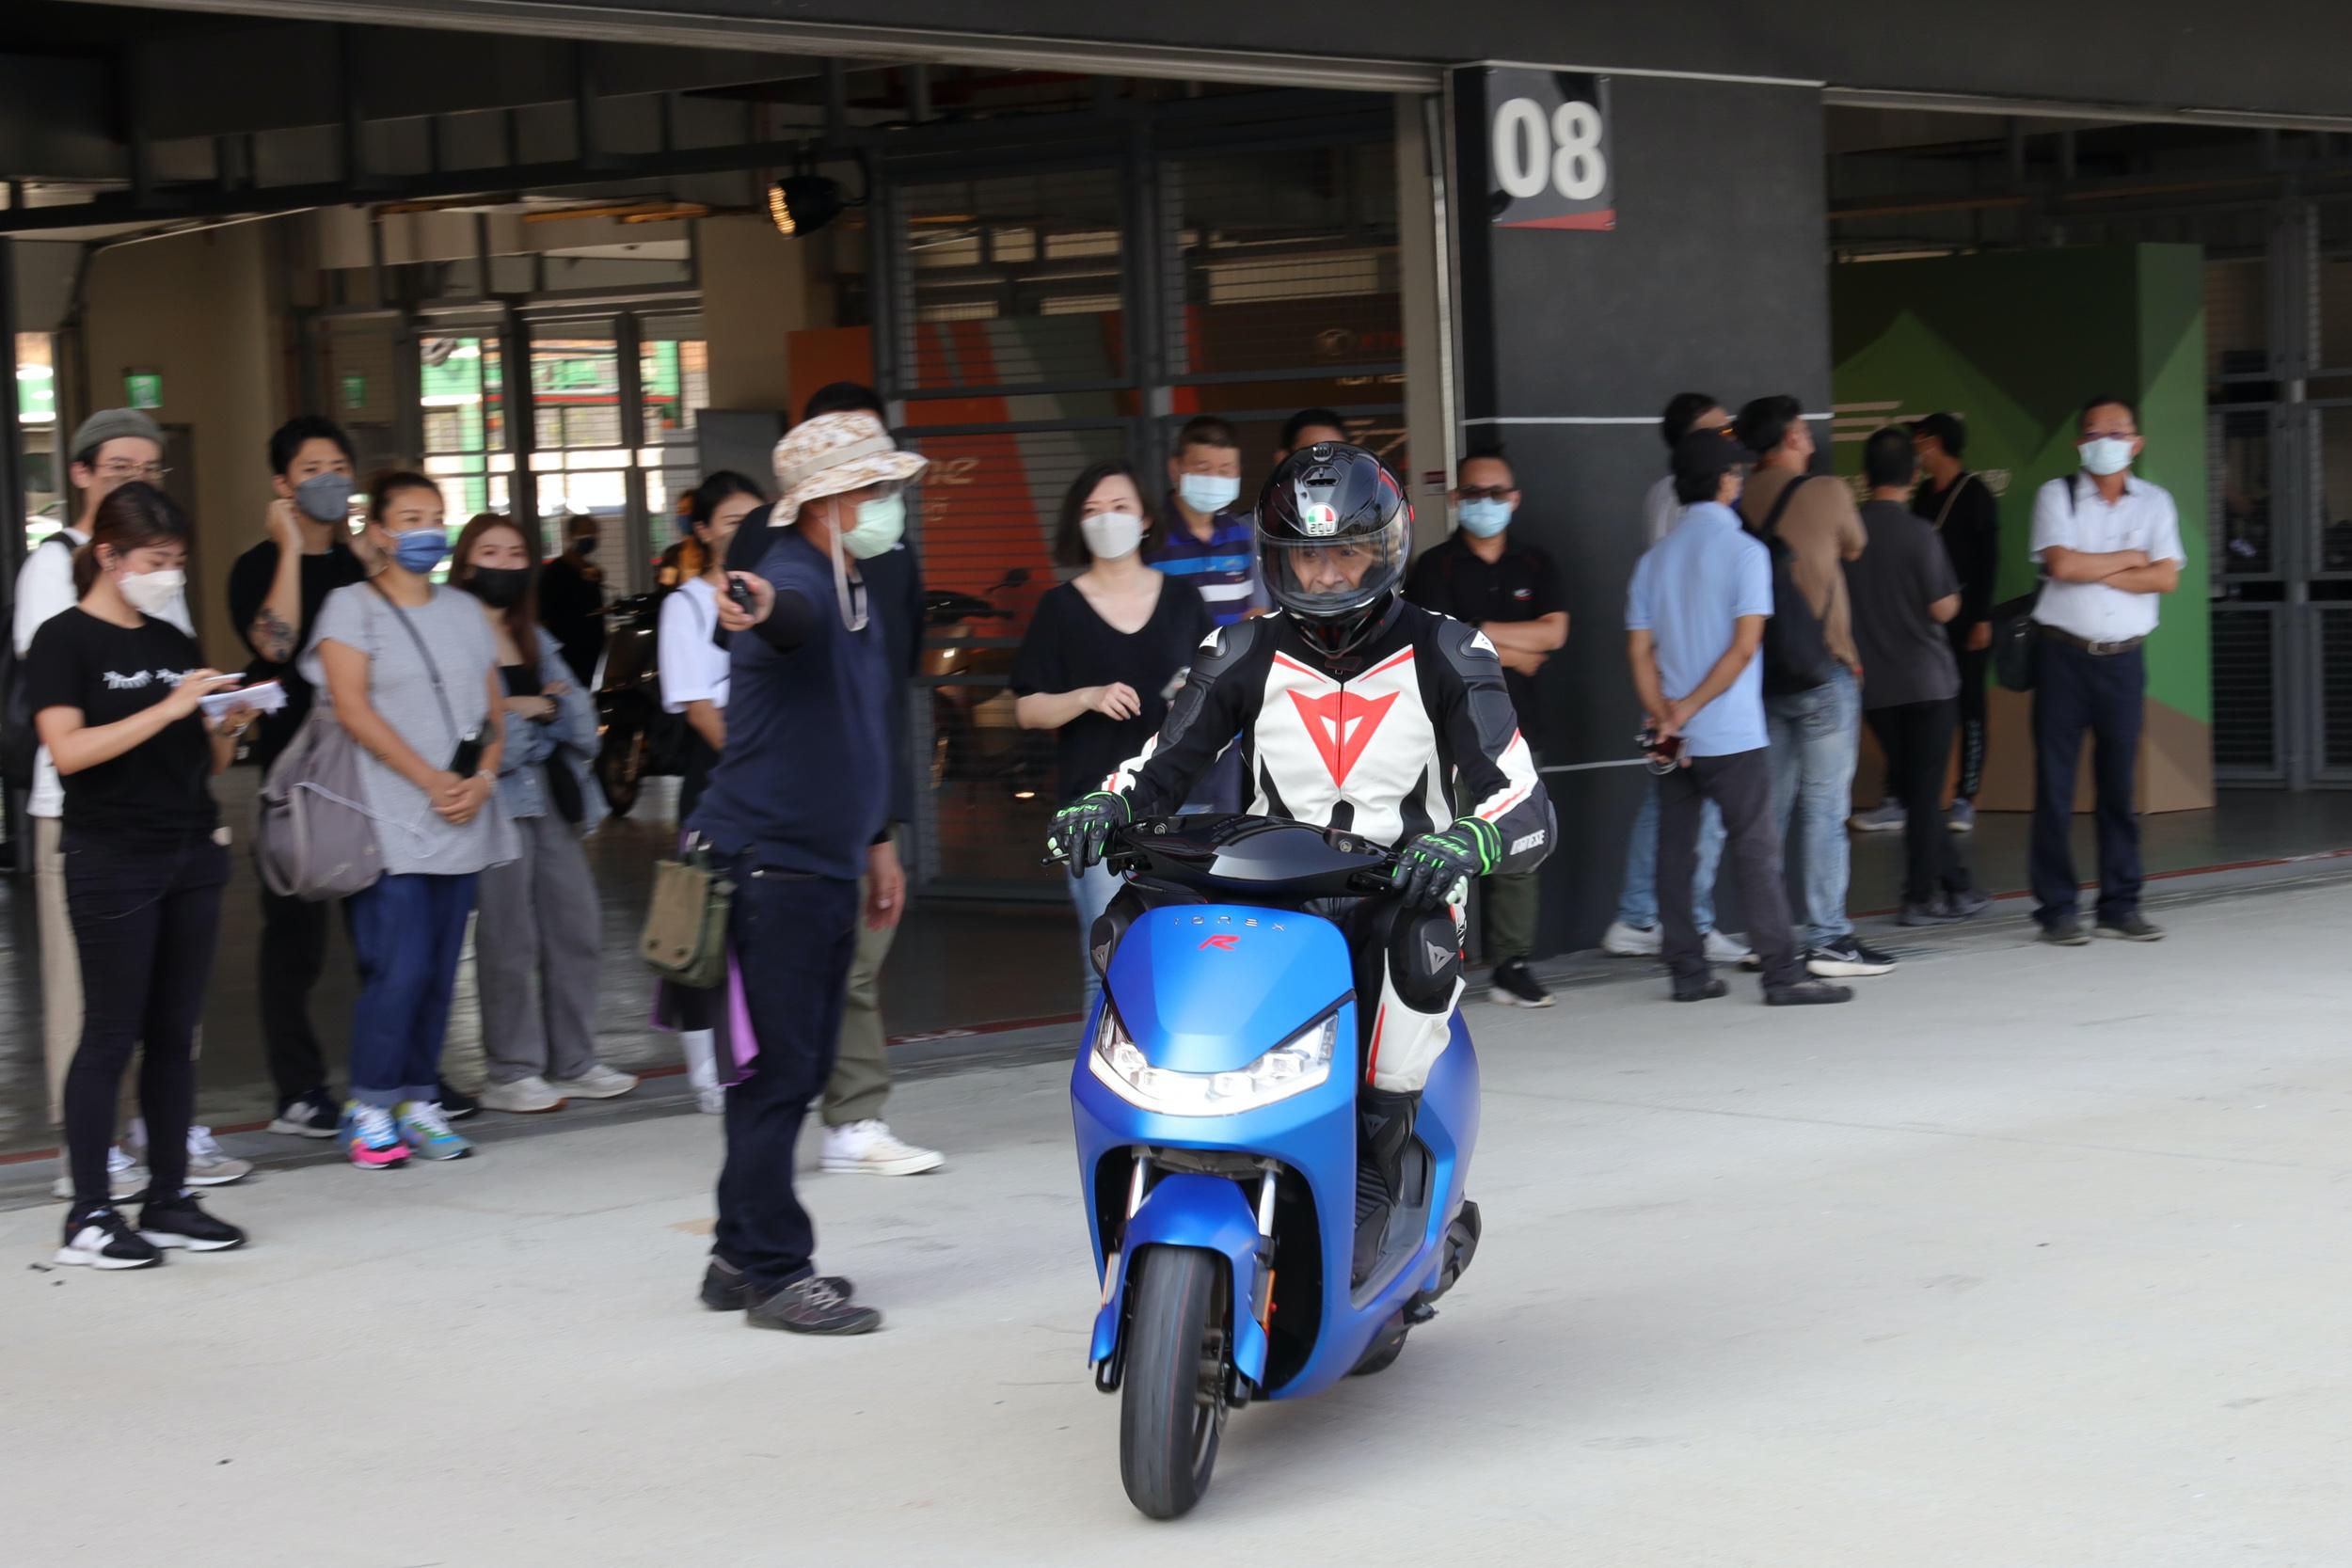 除了暢談策略面外,柯勝峯也換上一身勁裝親自測試下賽道測試S7R真功夫。